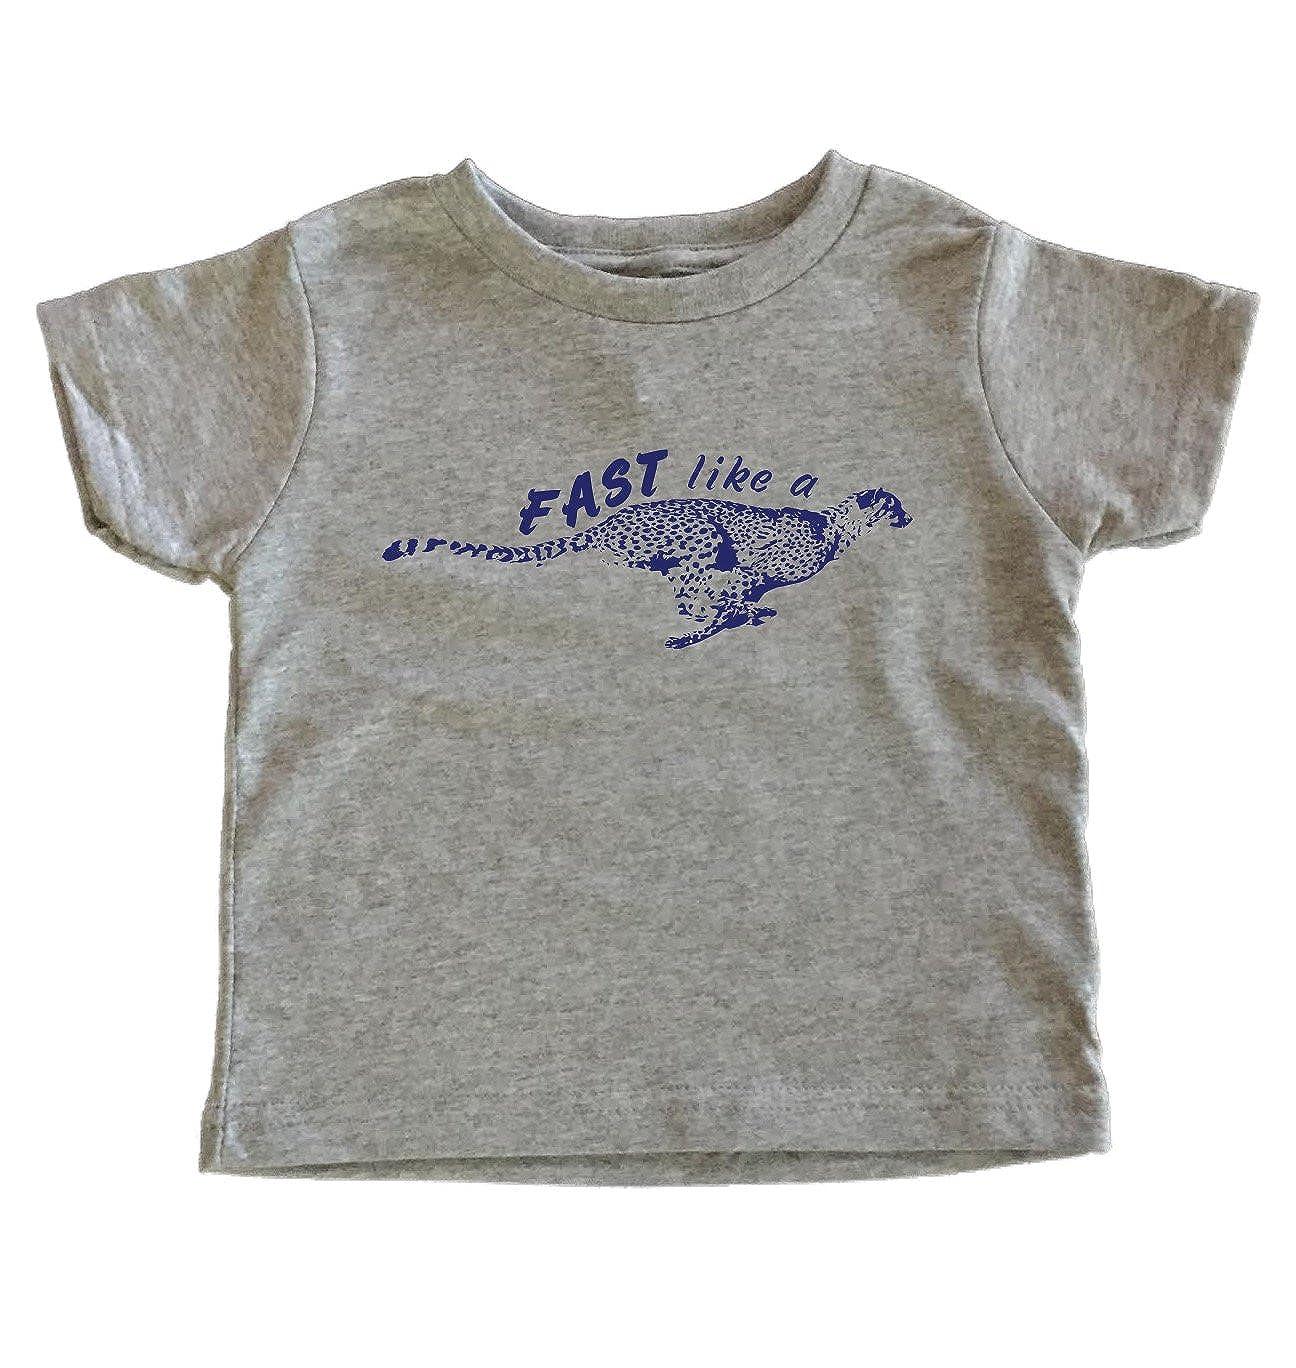 Amazon.com: teenow – rápido como un guepardo – niños/playera ...